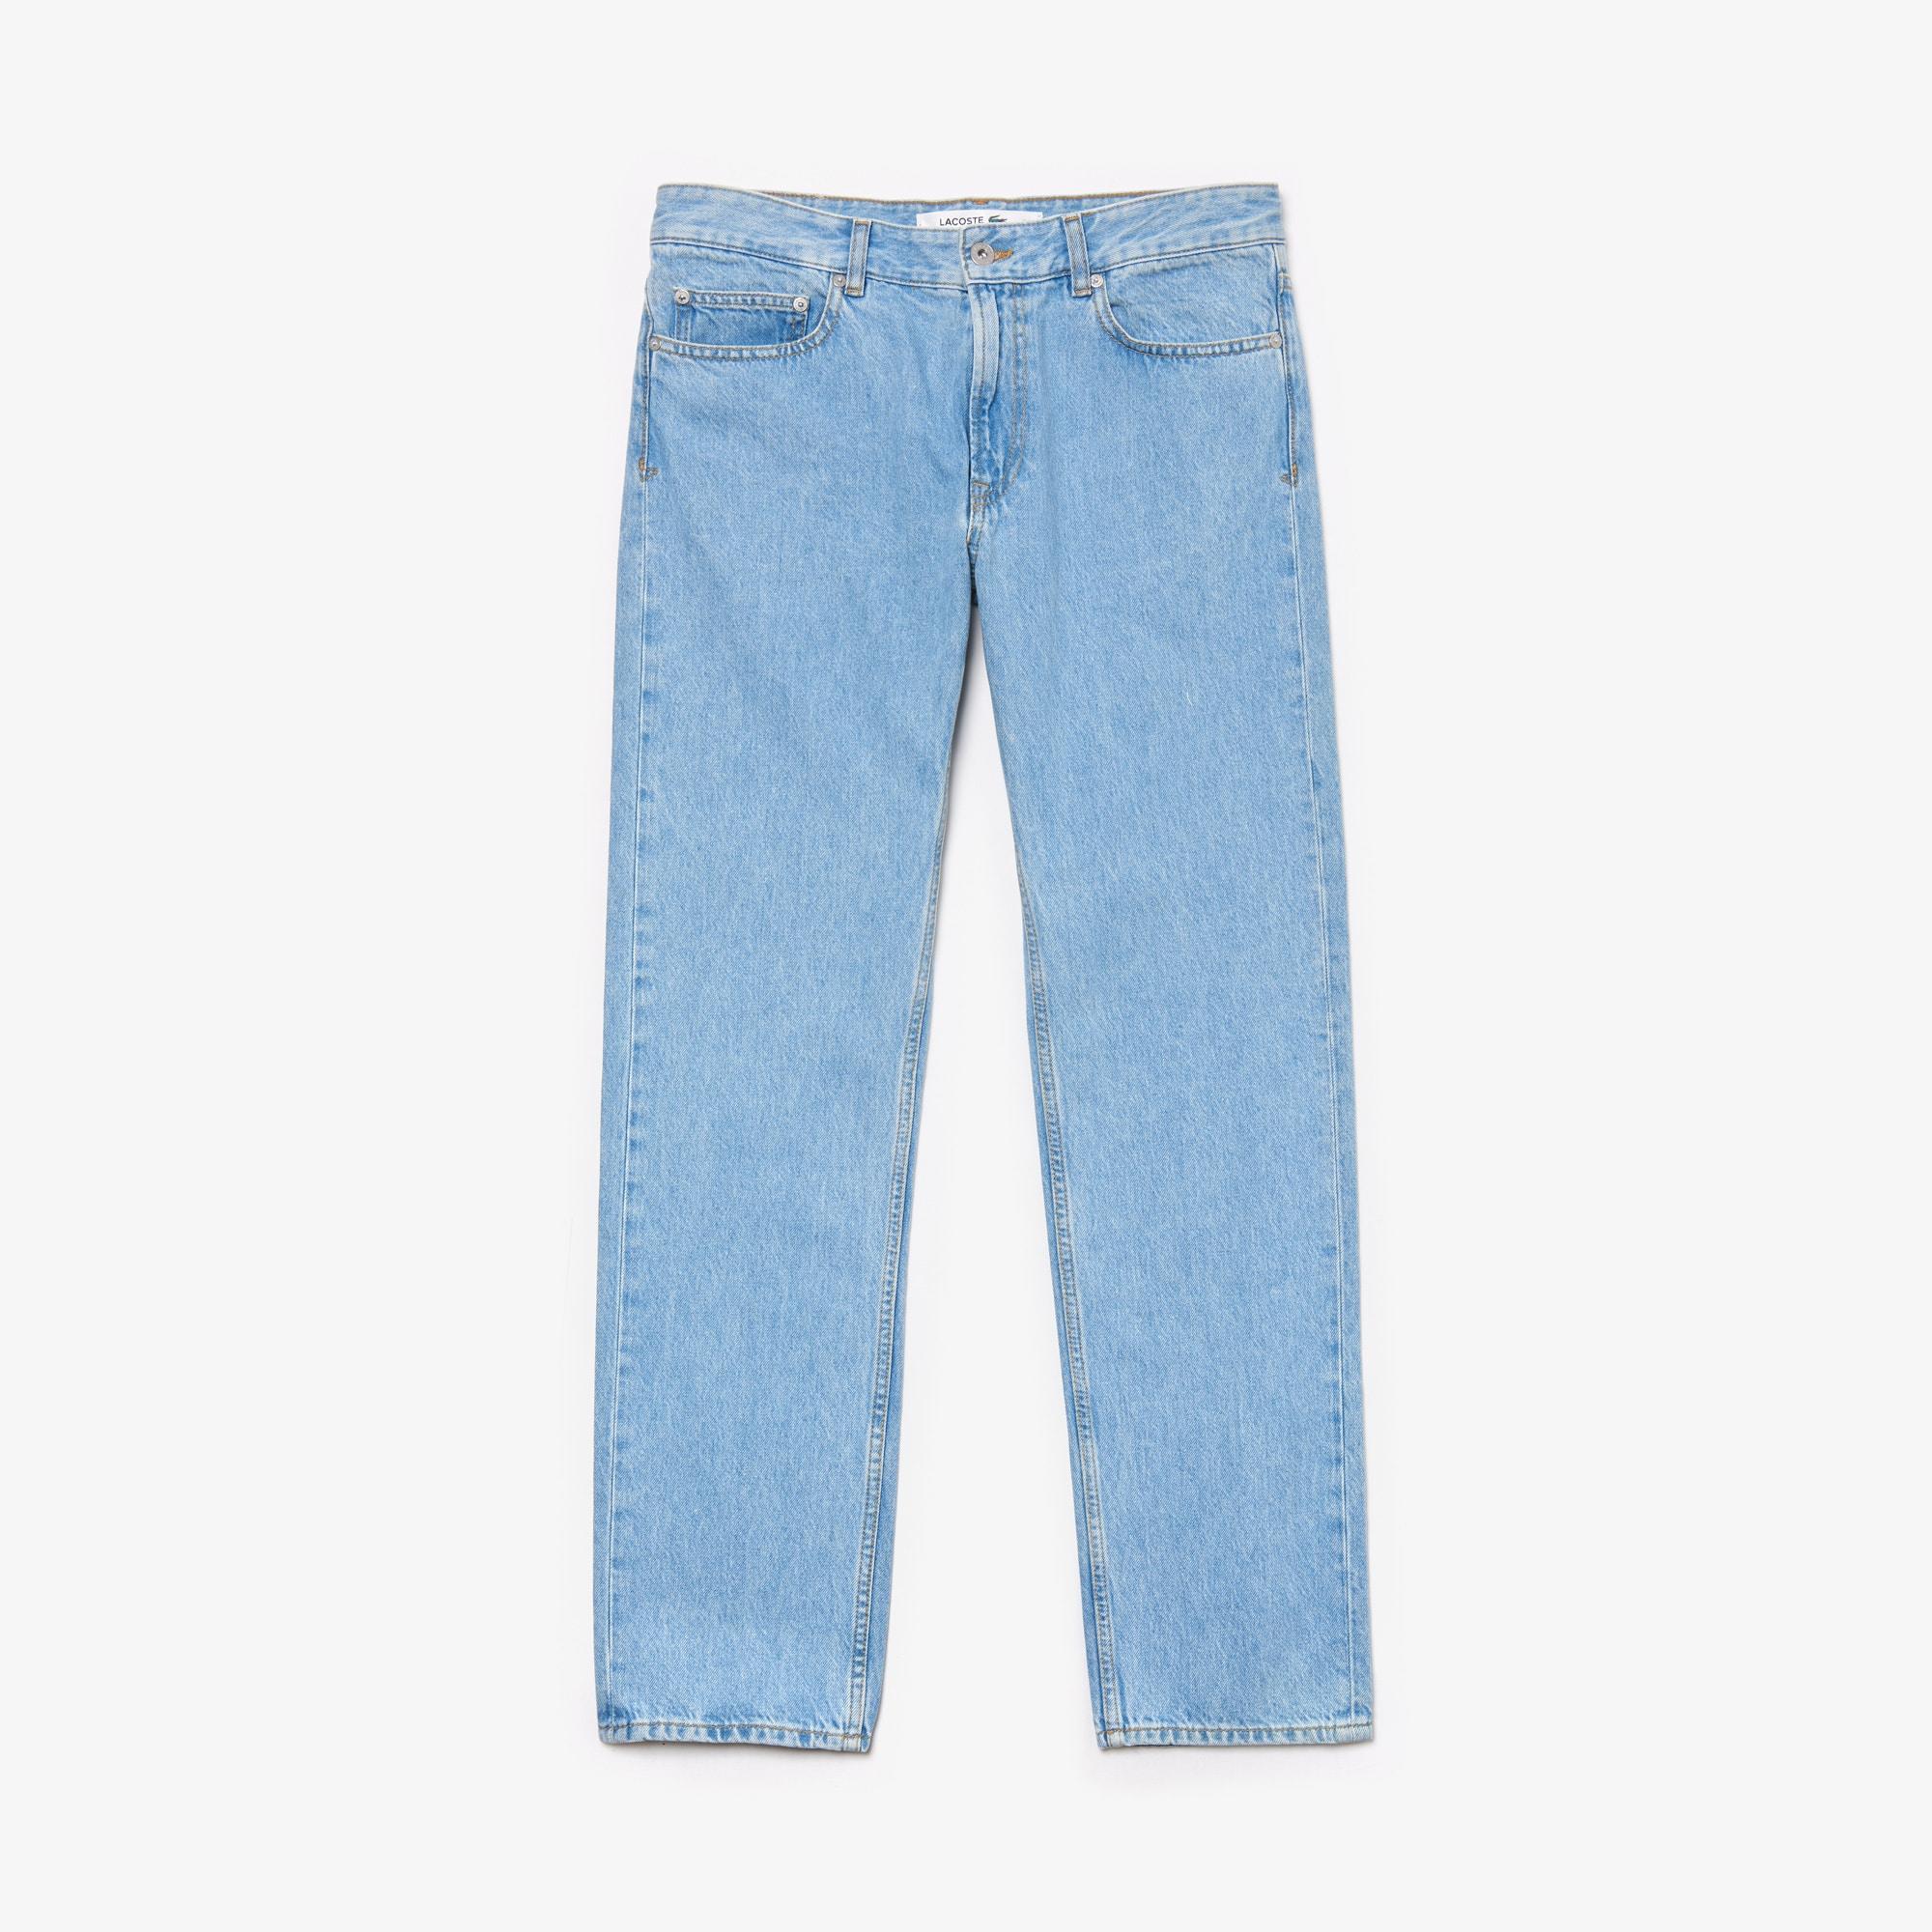 라코스테 Lacoste Mens Regular Fit 5-Pocket Jeans,Blue